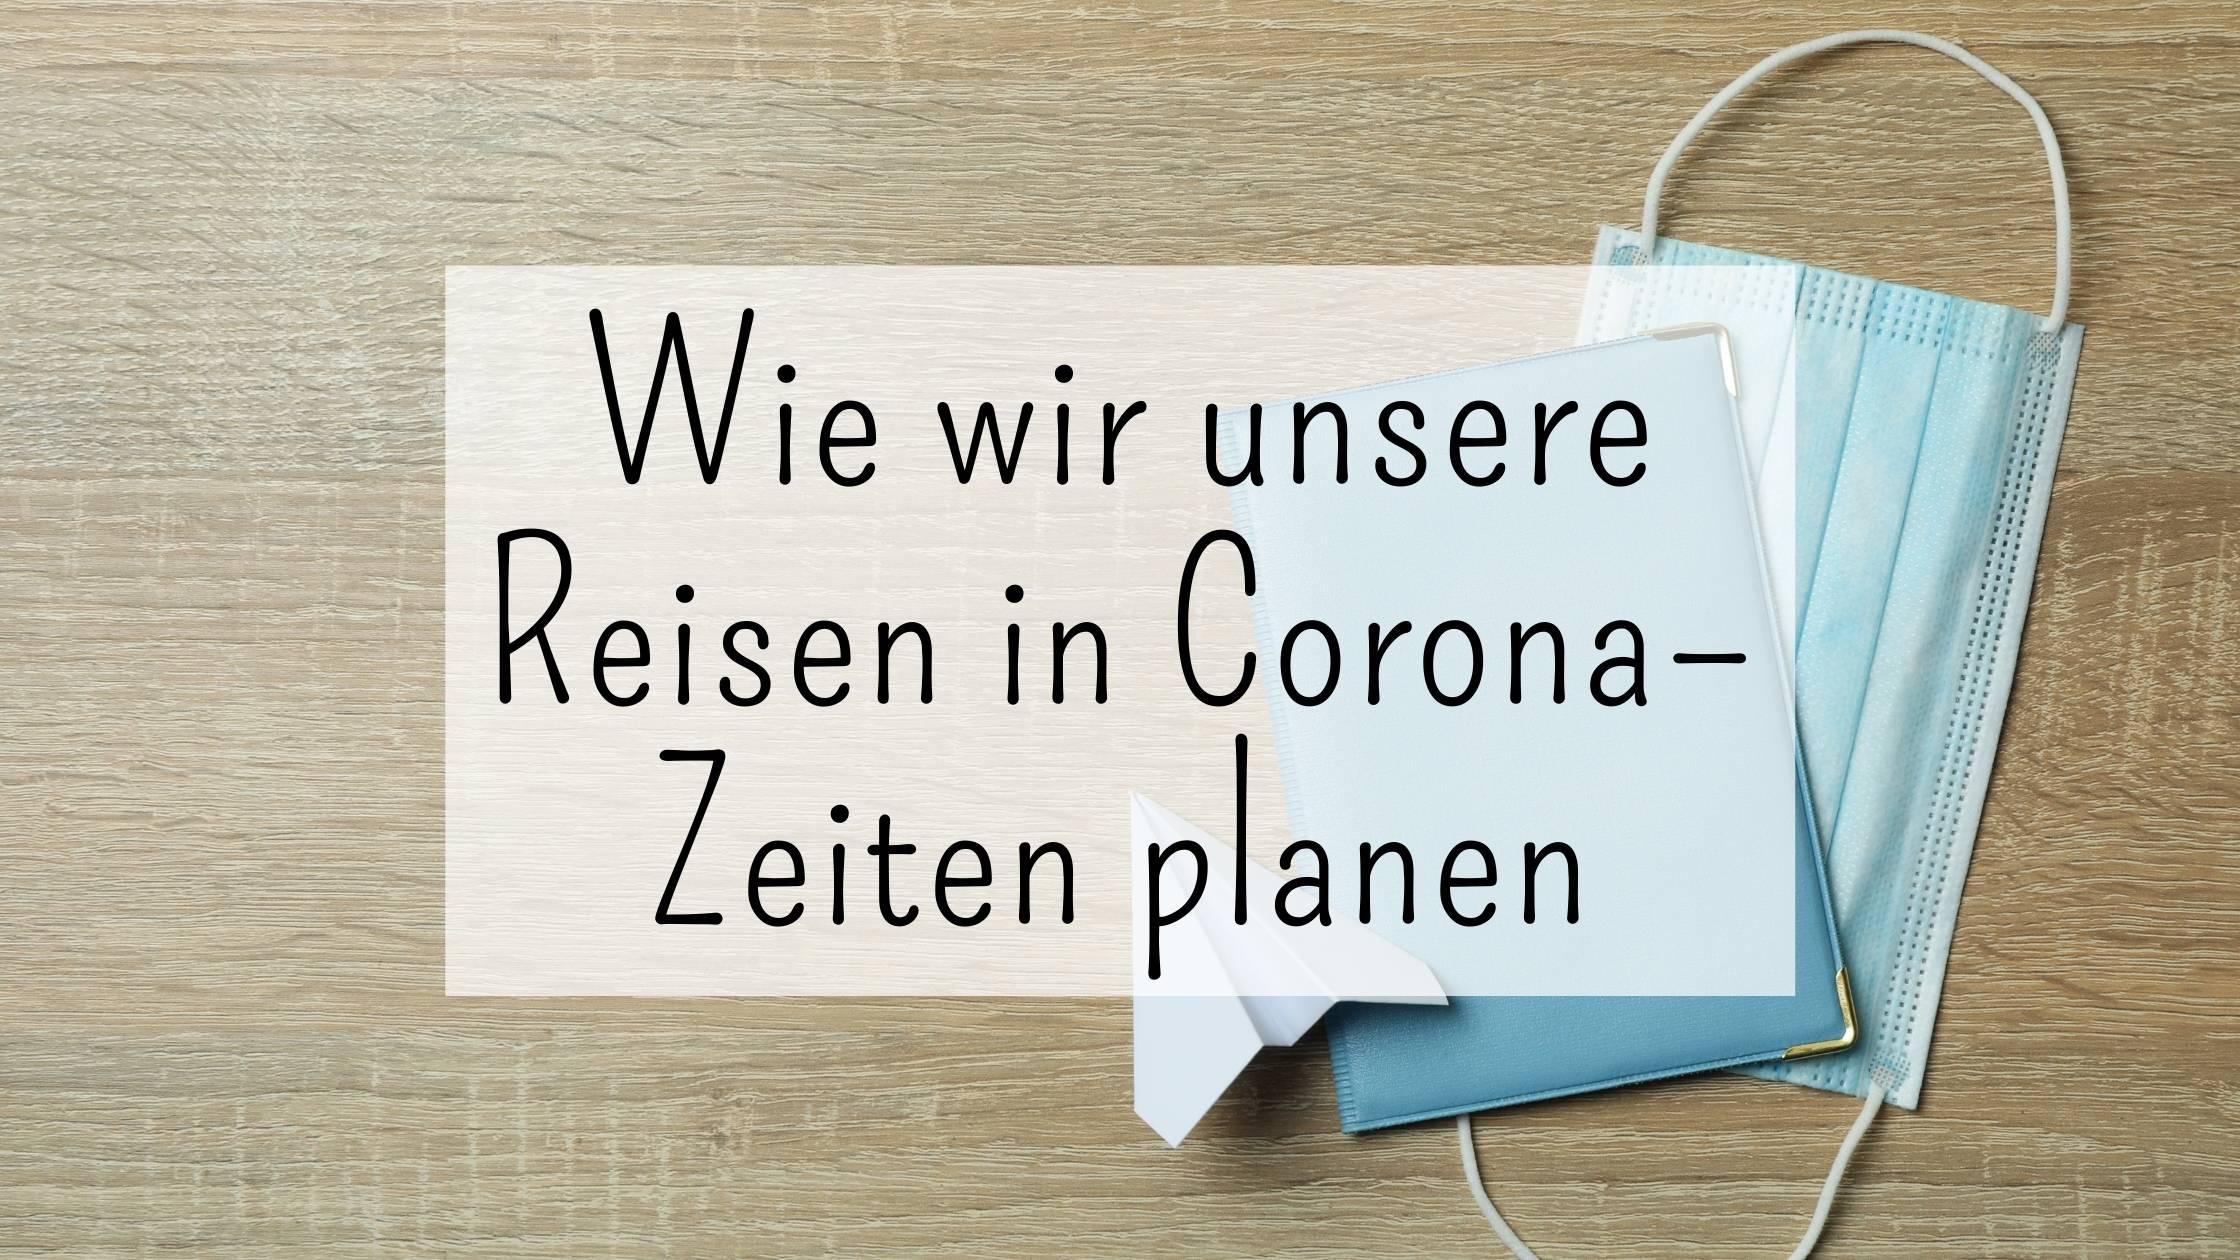 Wie wir unsere Reisen in Corona – Zeiten planen